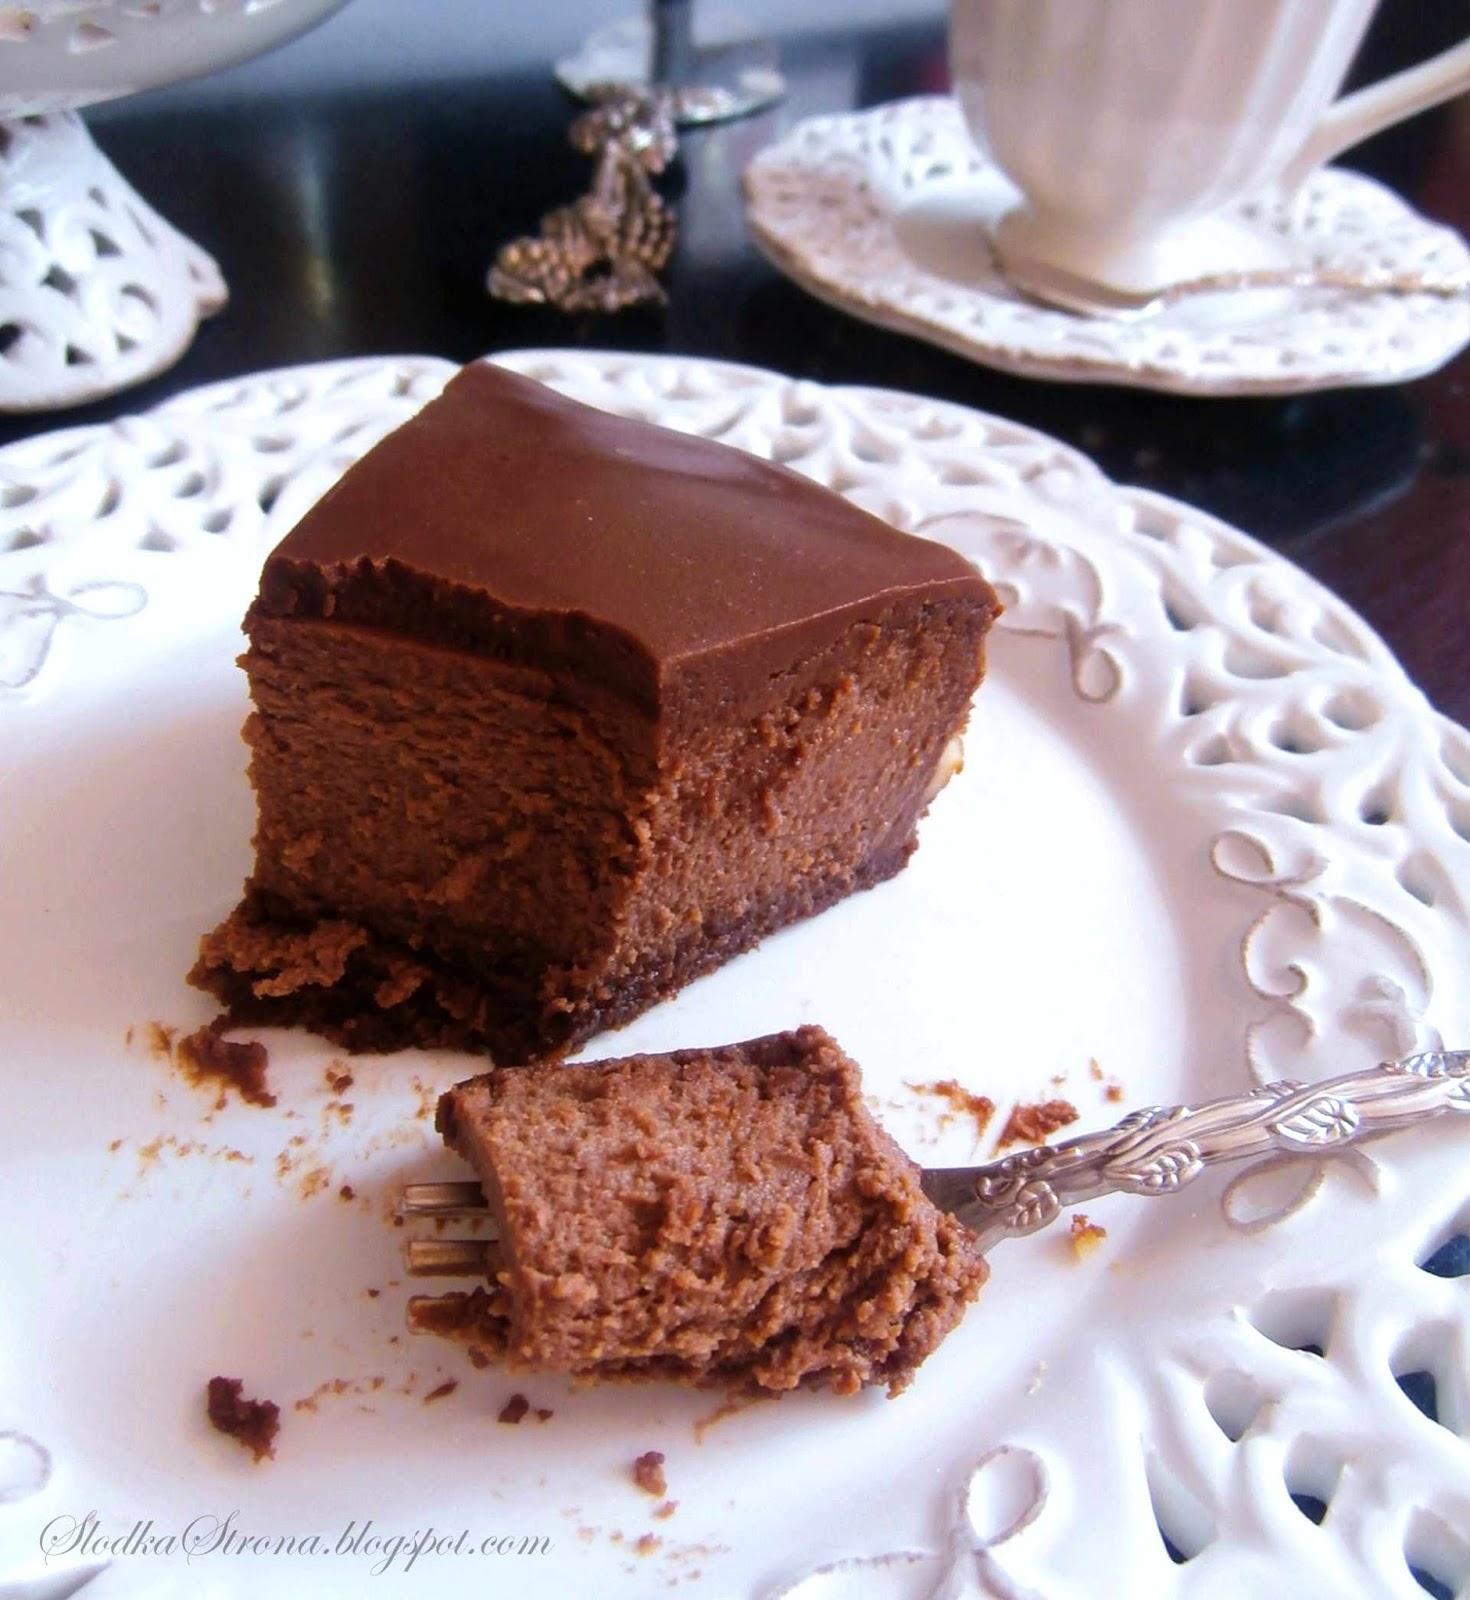 Rewelacyjny Czekoladowy Sernik ze spodem Brownies - Przepis - Slodka Strona